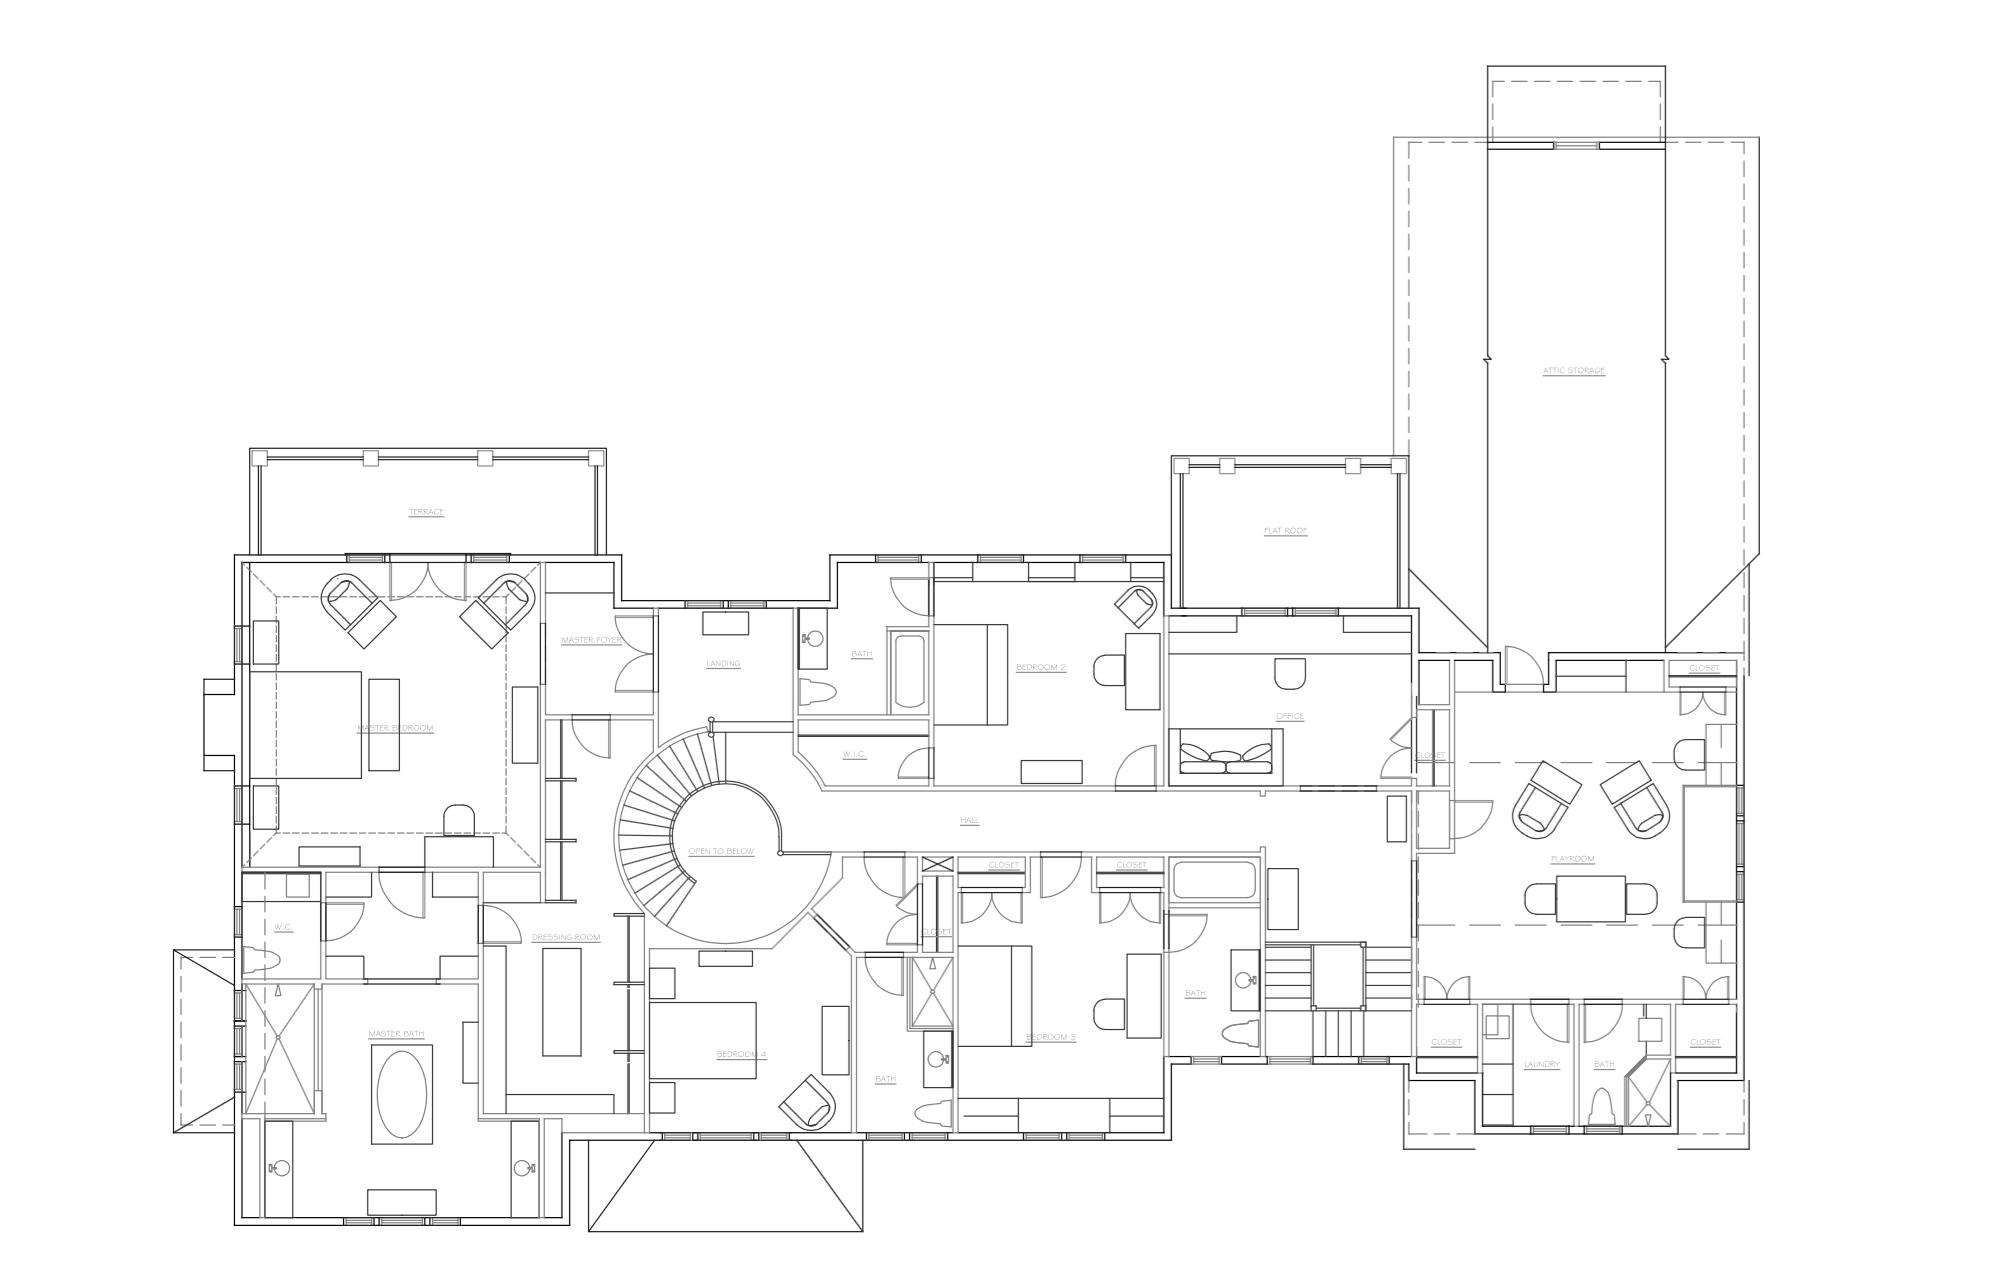 berman floor plan second.png